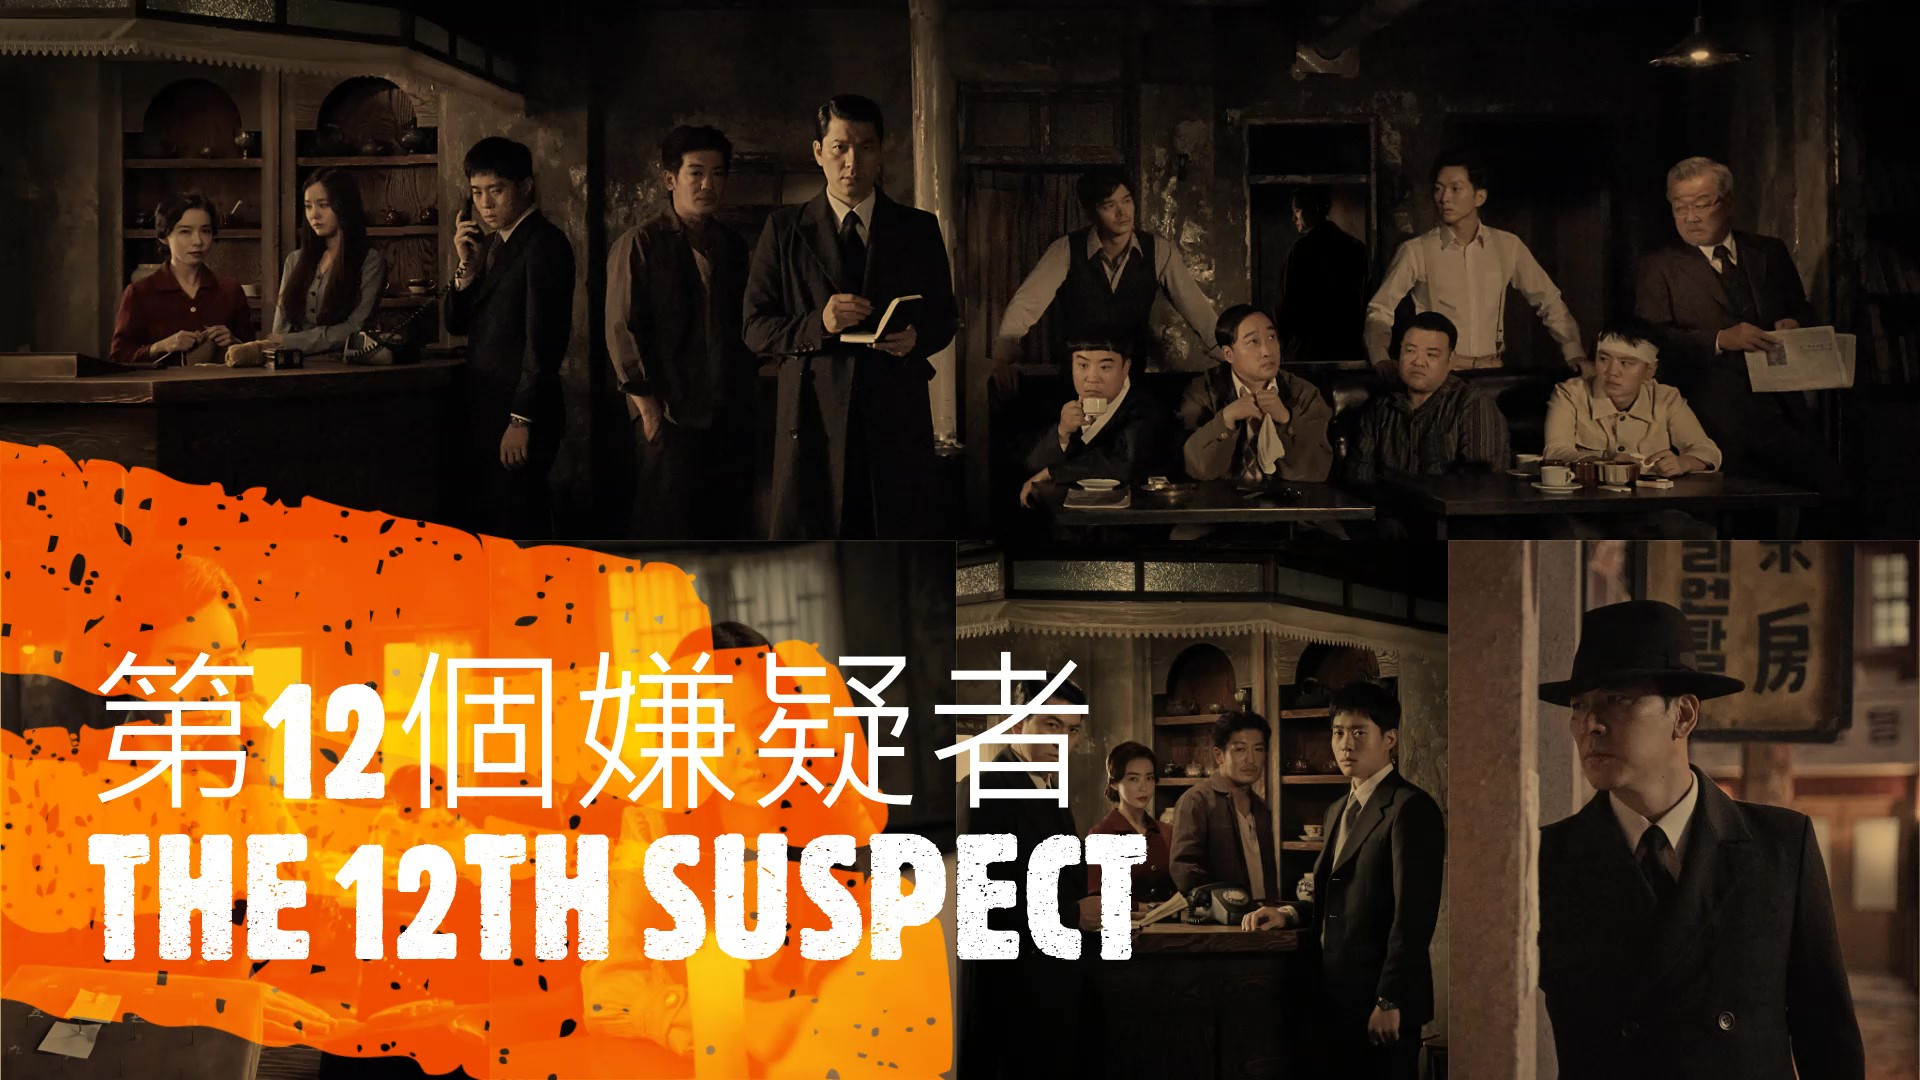 開幕節目OPENING Prog 1:《第12個嫌疑者》THE 12TH SUSPECT